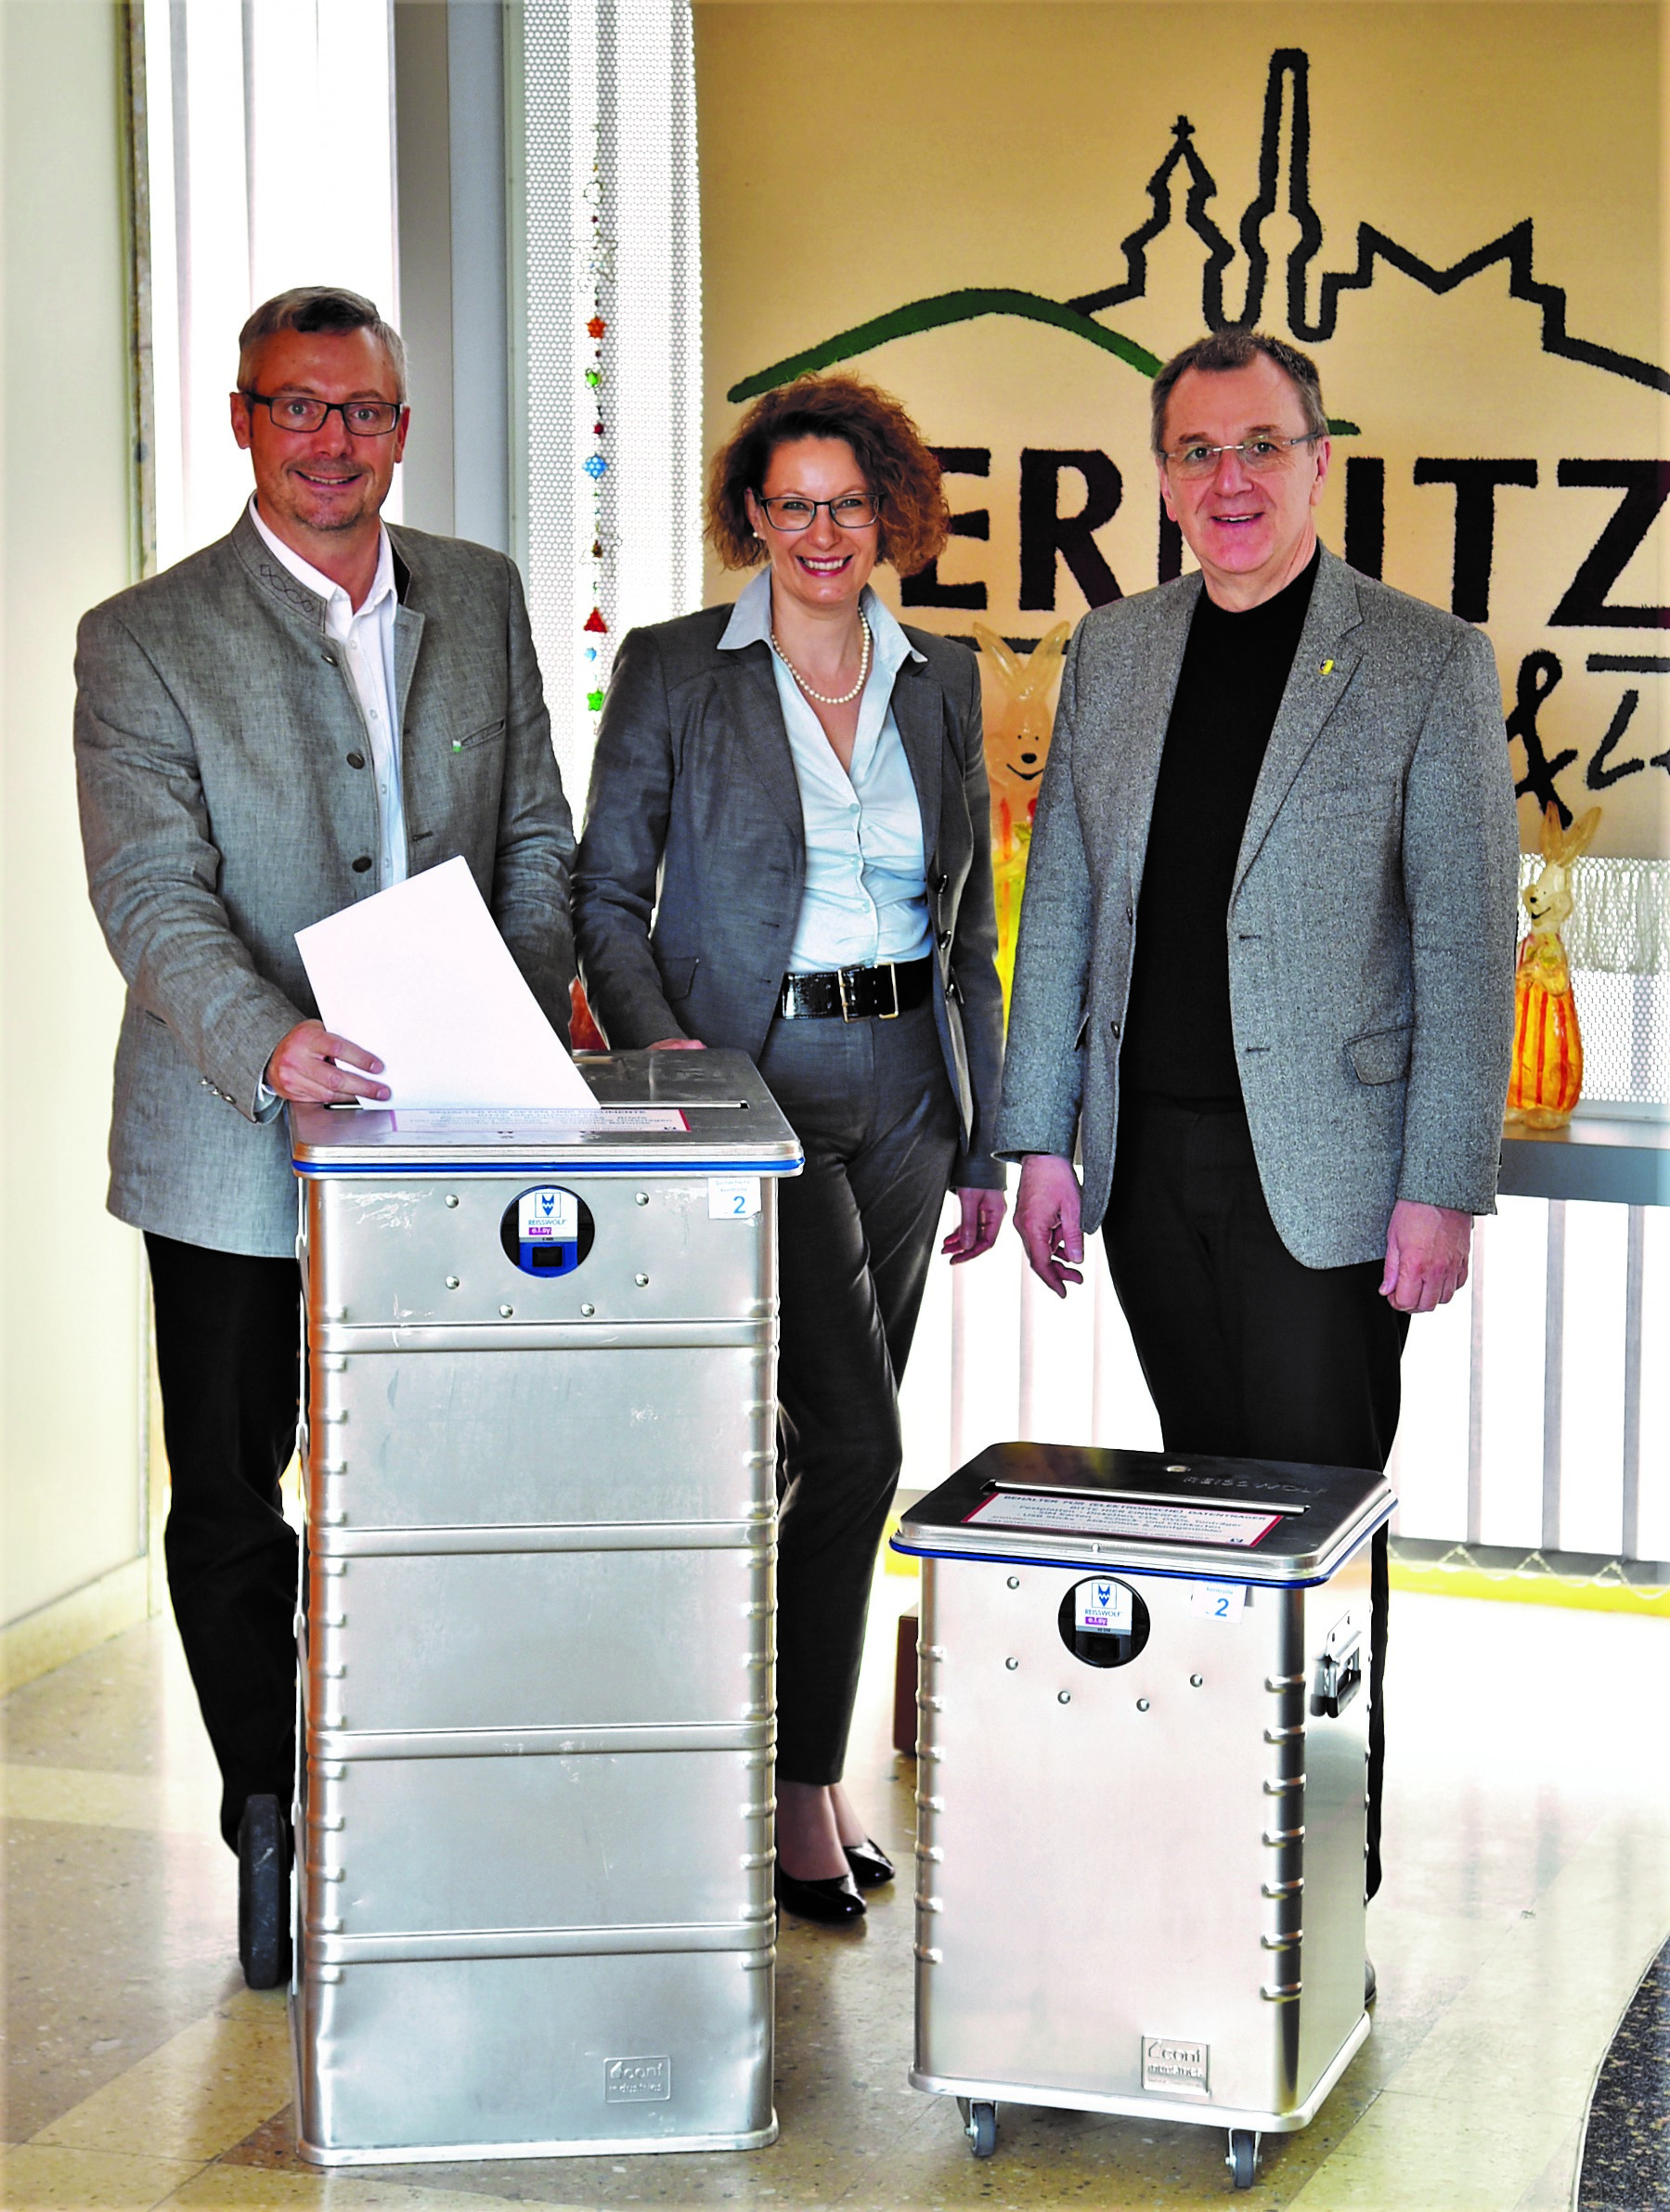 Ternitz bietet datensicheres Entsorgen sensibler Unterlagen und Datenträger